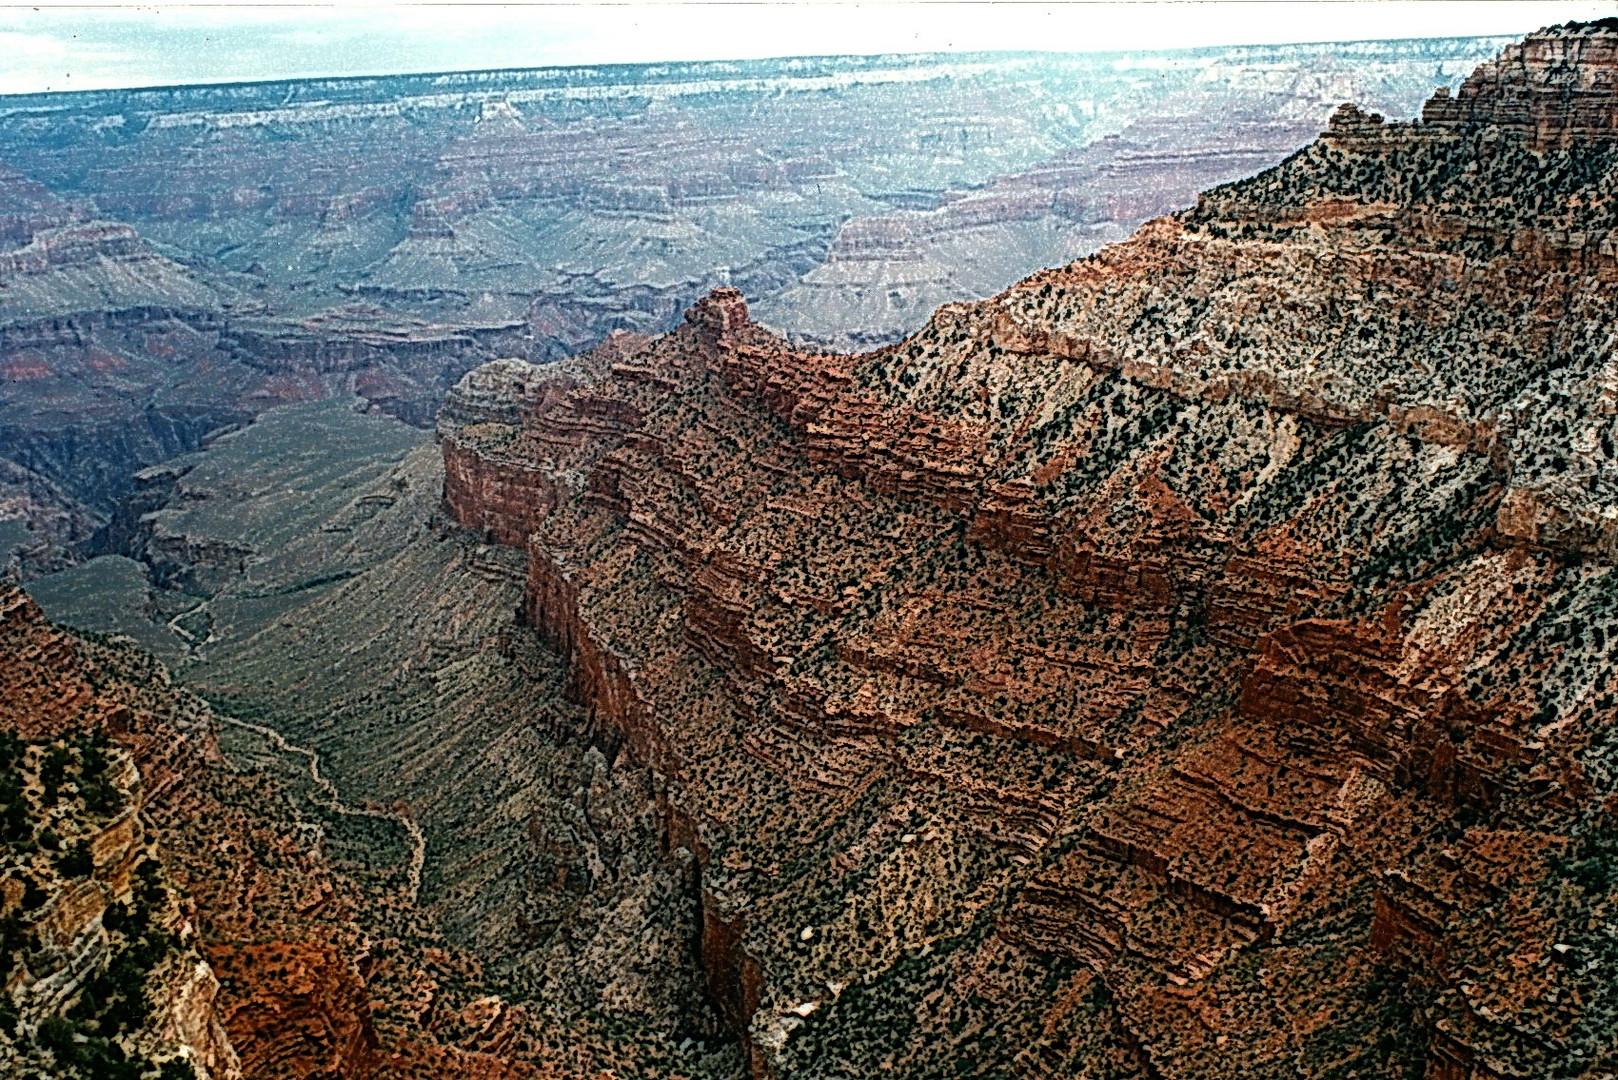 USA Grand Canyon (2)